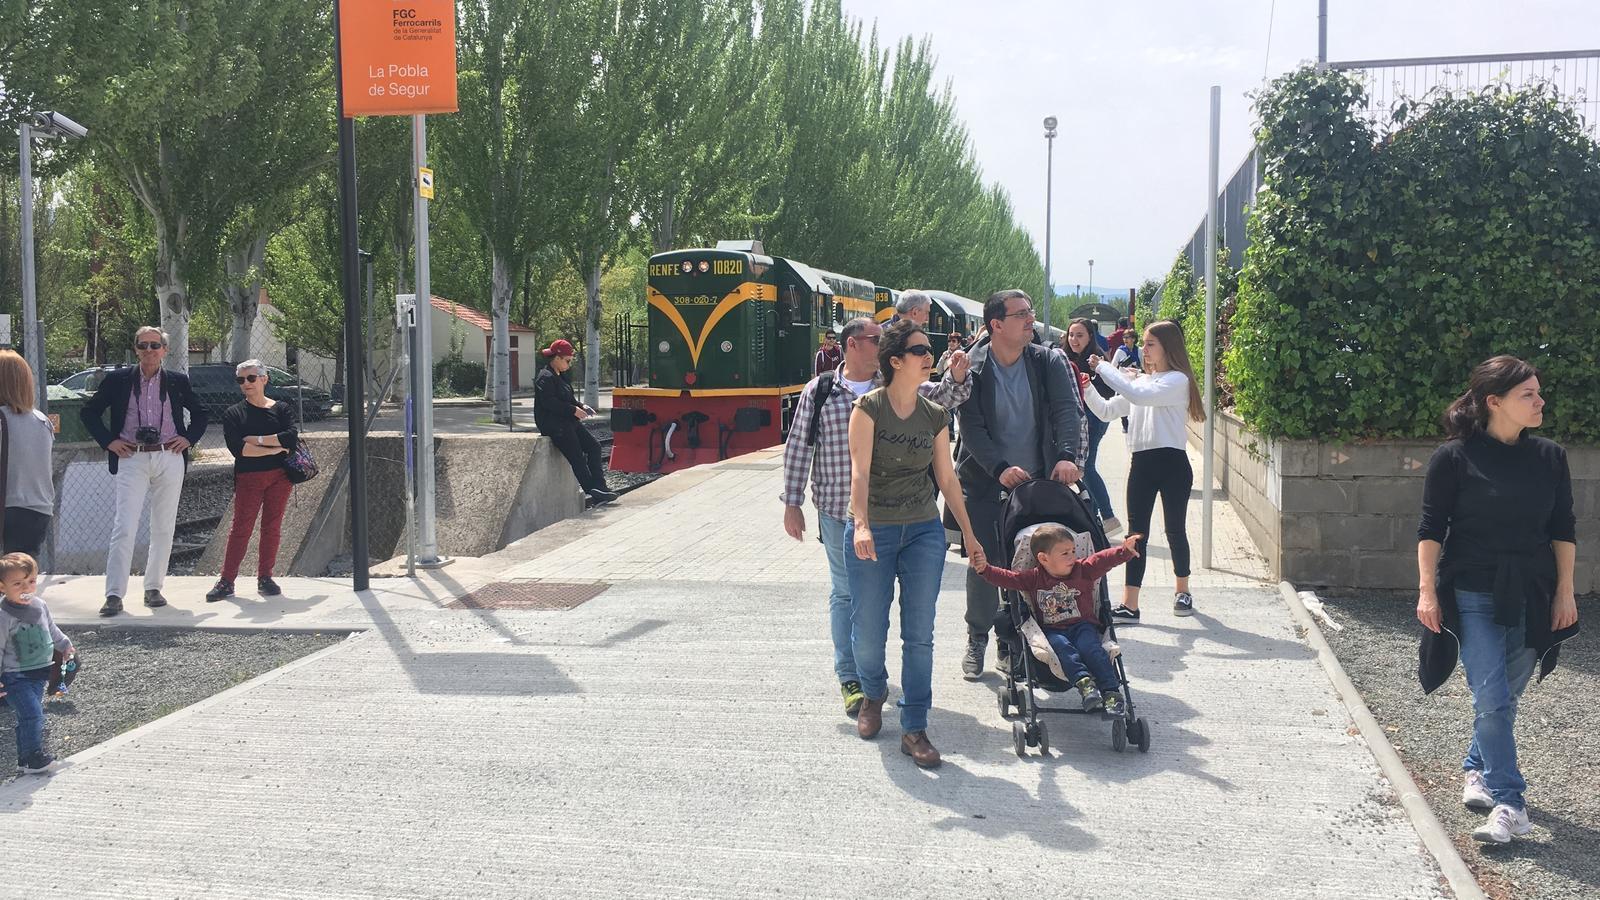 Usuaris del Tren dels llacs arribant a la Pobla de Segur. / G.L.